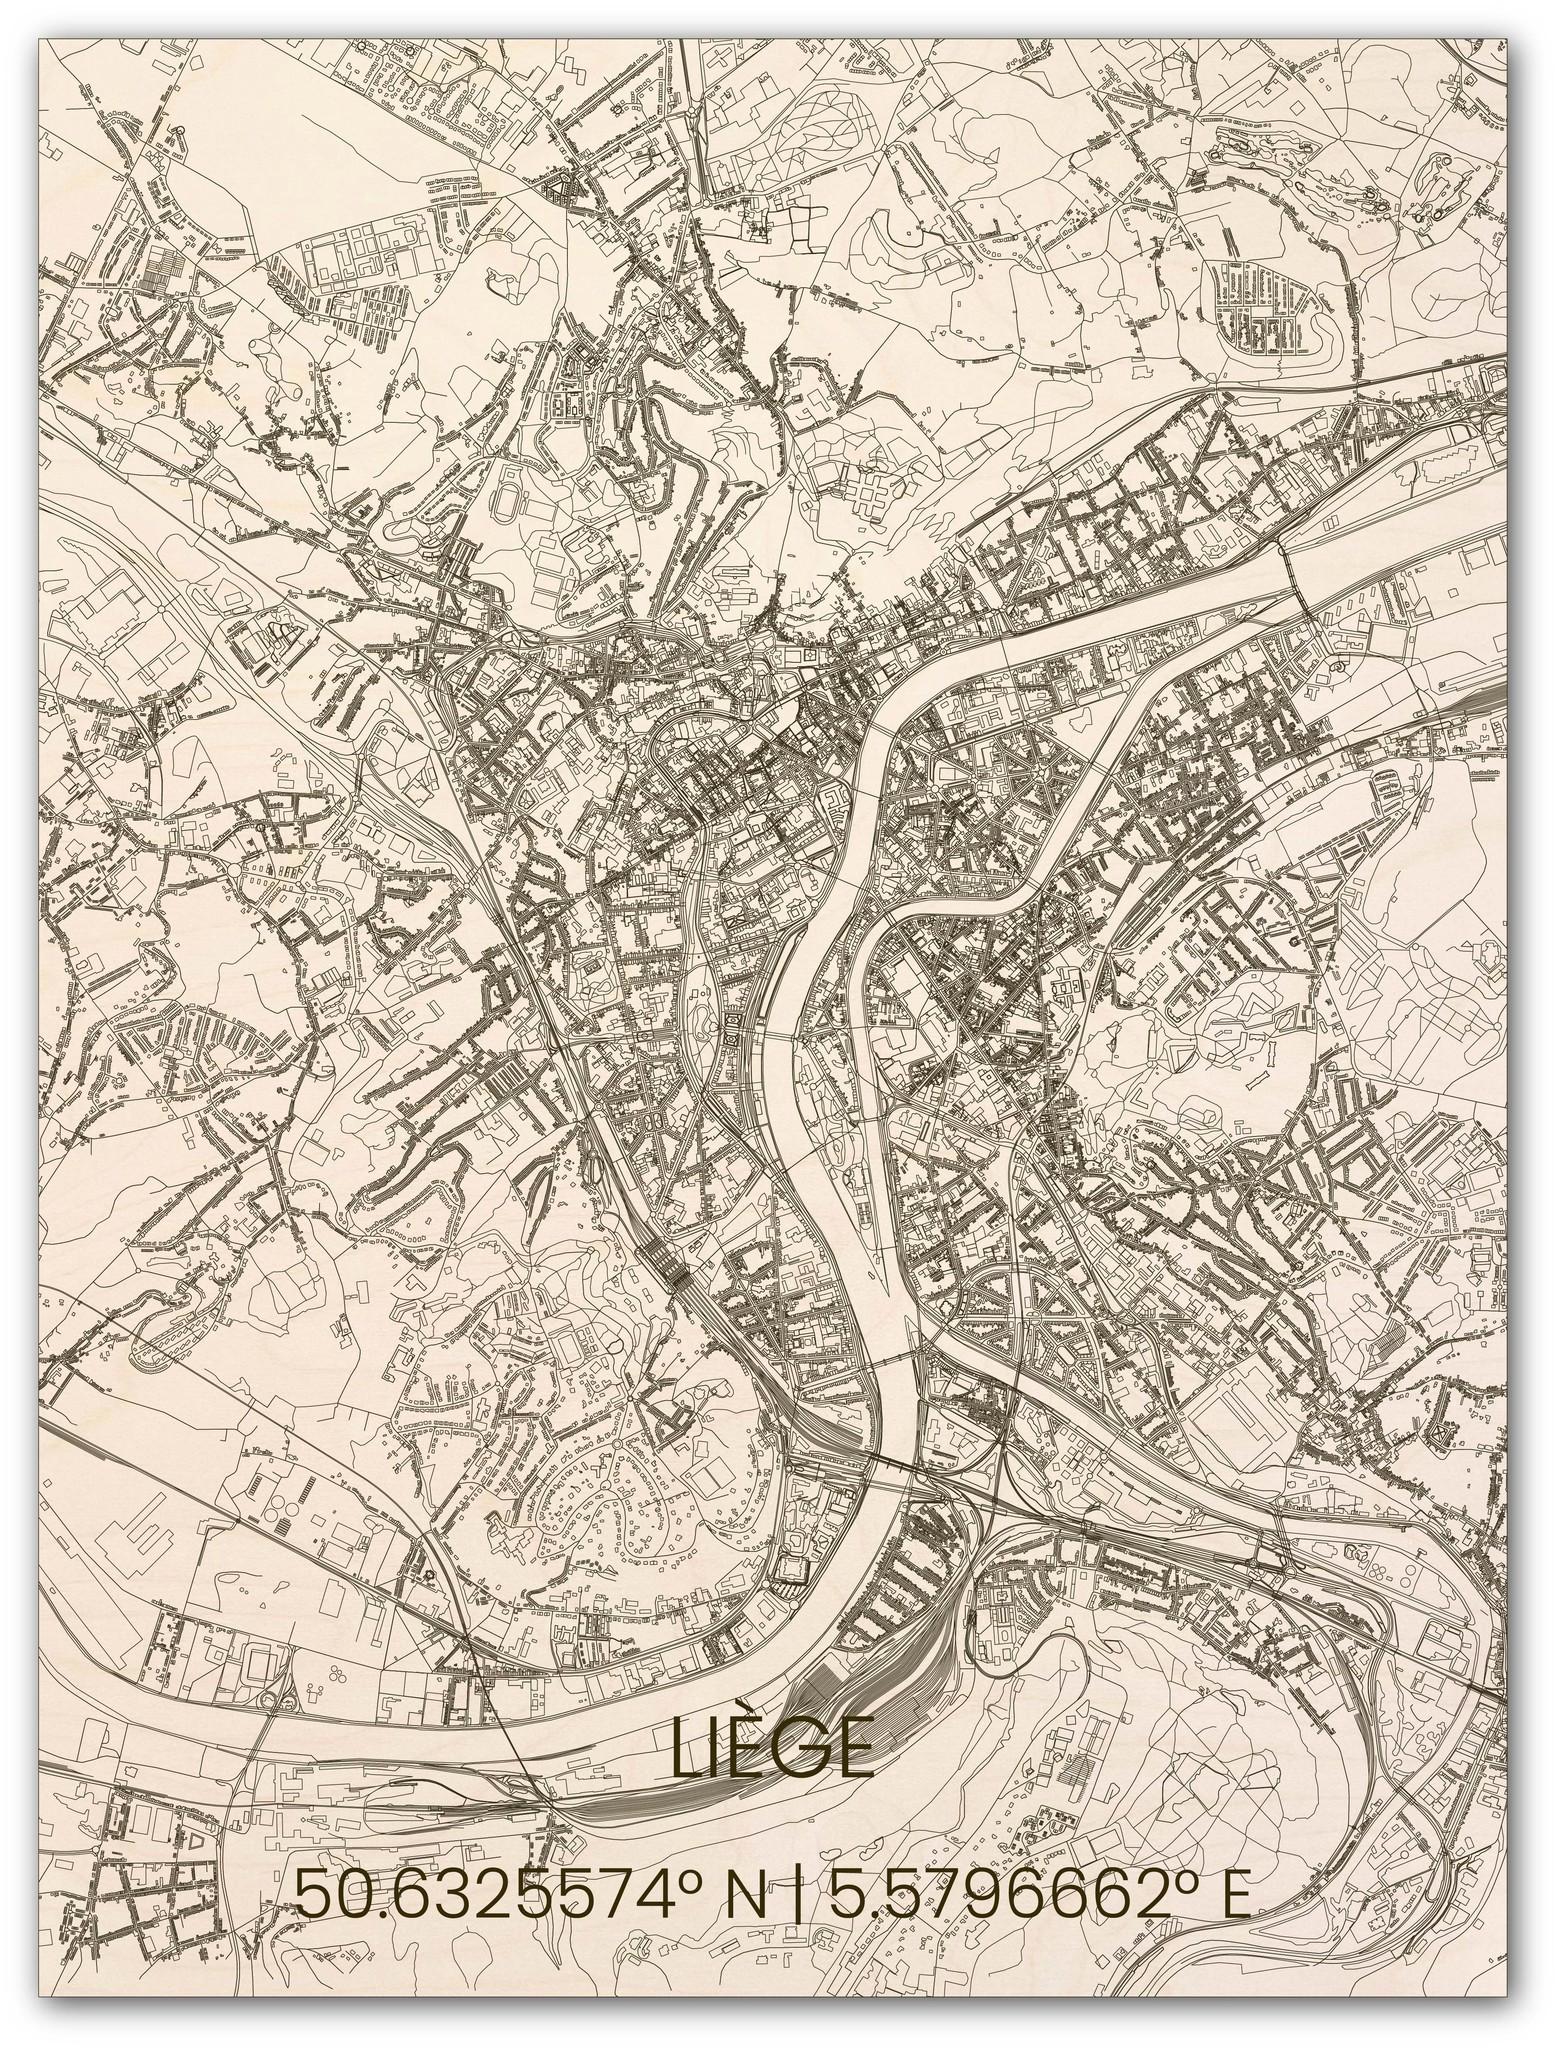 Houten stadsplattegrond Luik-1